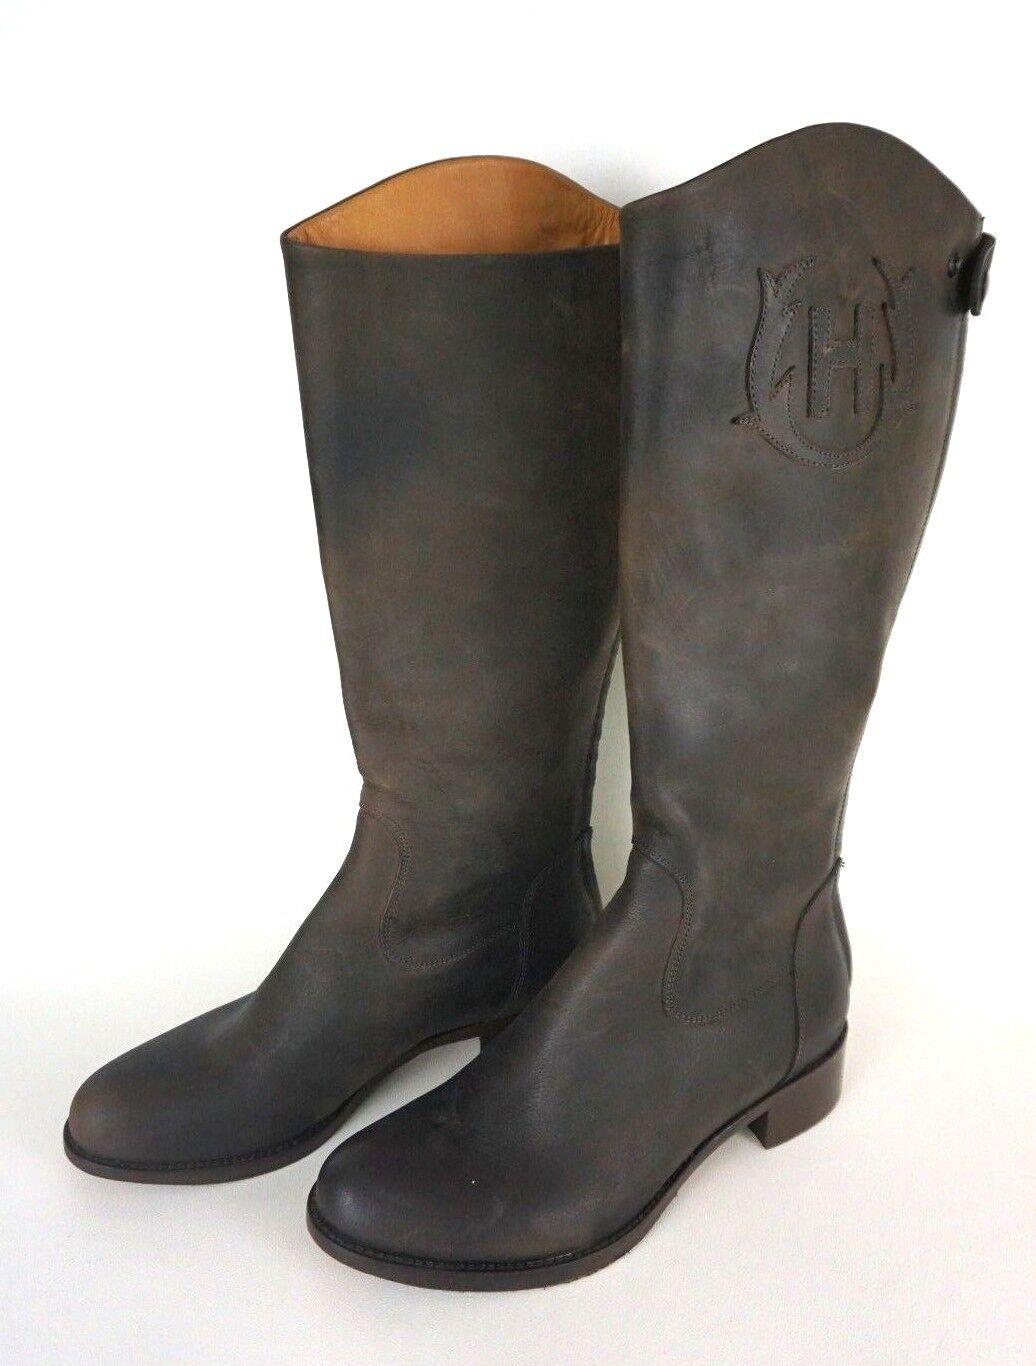 en promociones de estadios Nuevas botas Hunter Marrón alta para para para mujer Arnés De Cuero Italia montar plana  1024  mejor calidad